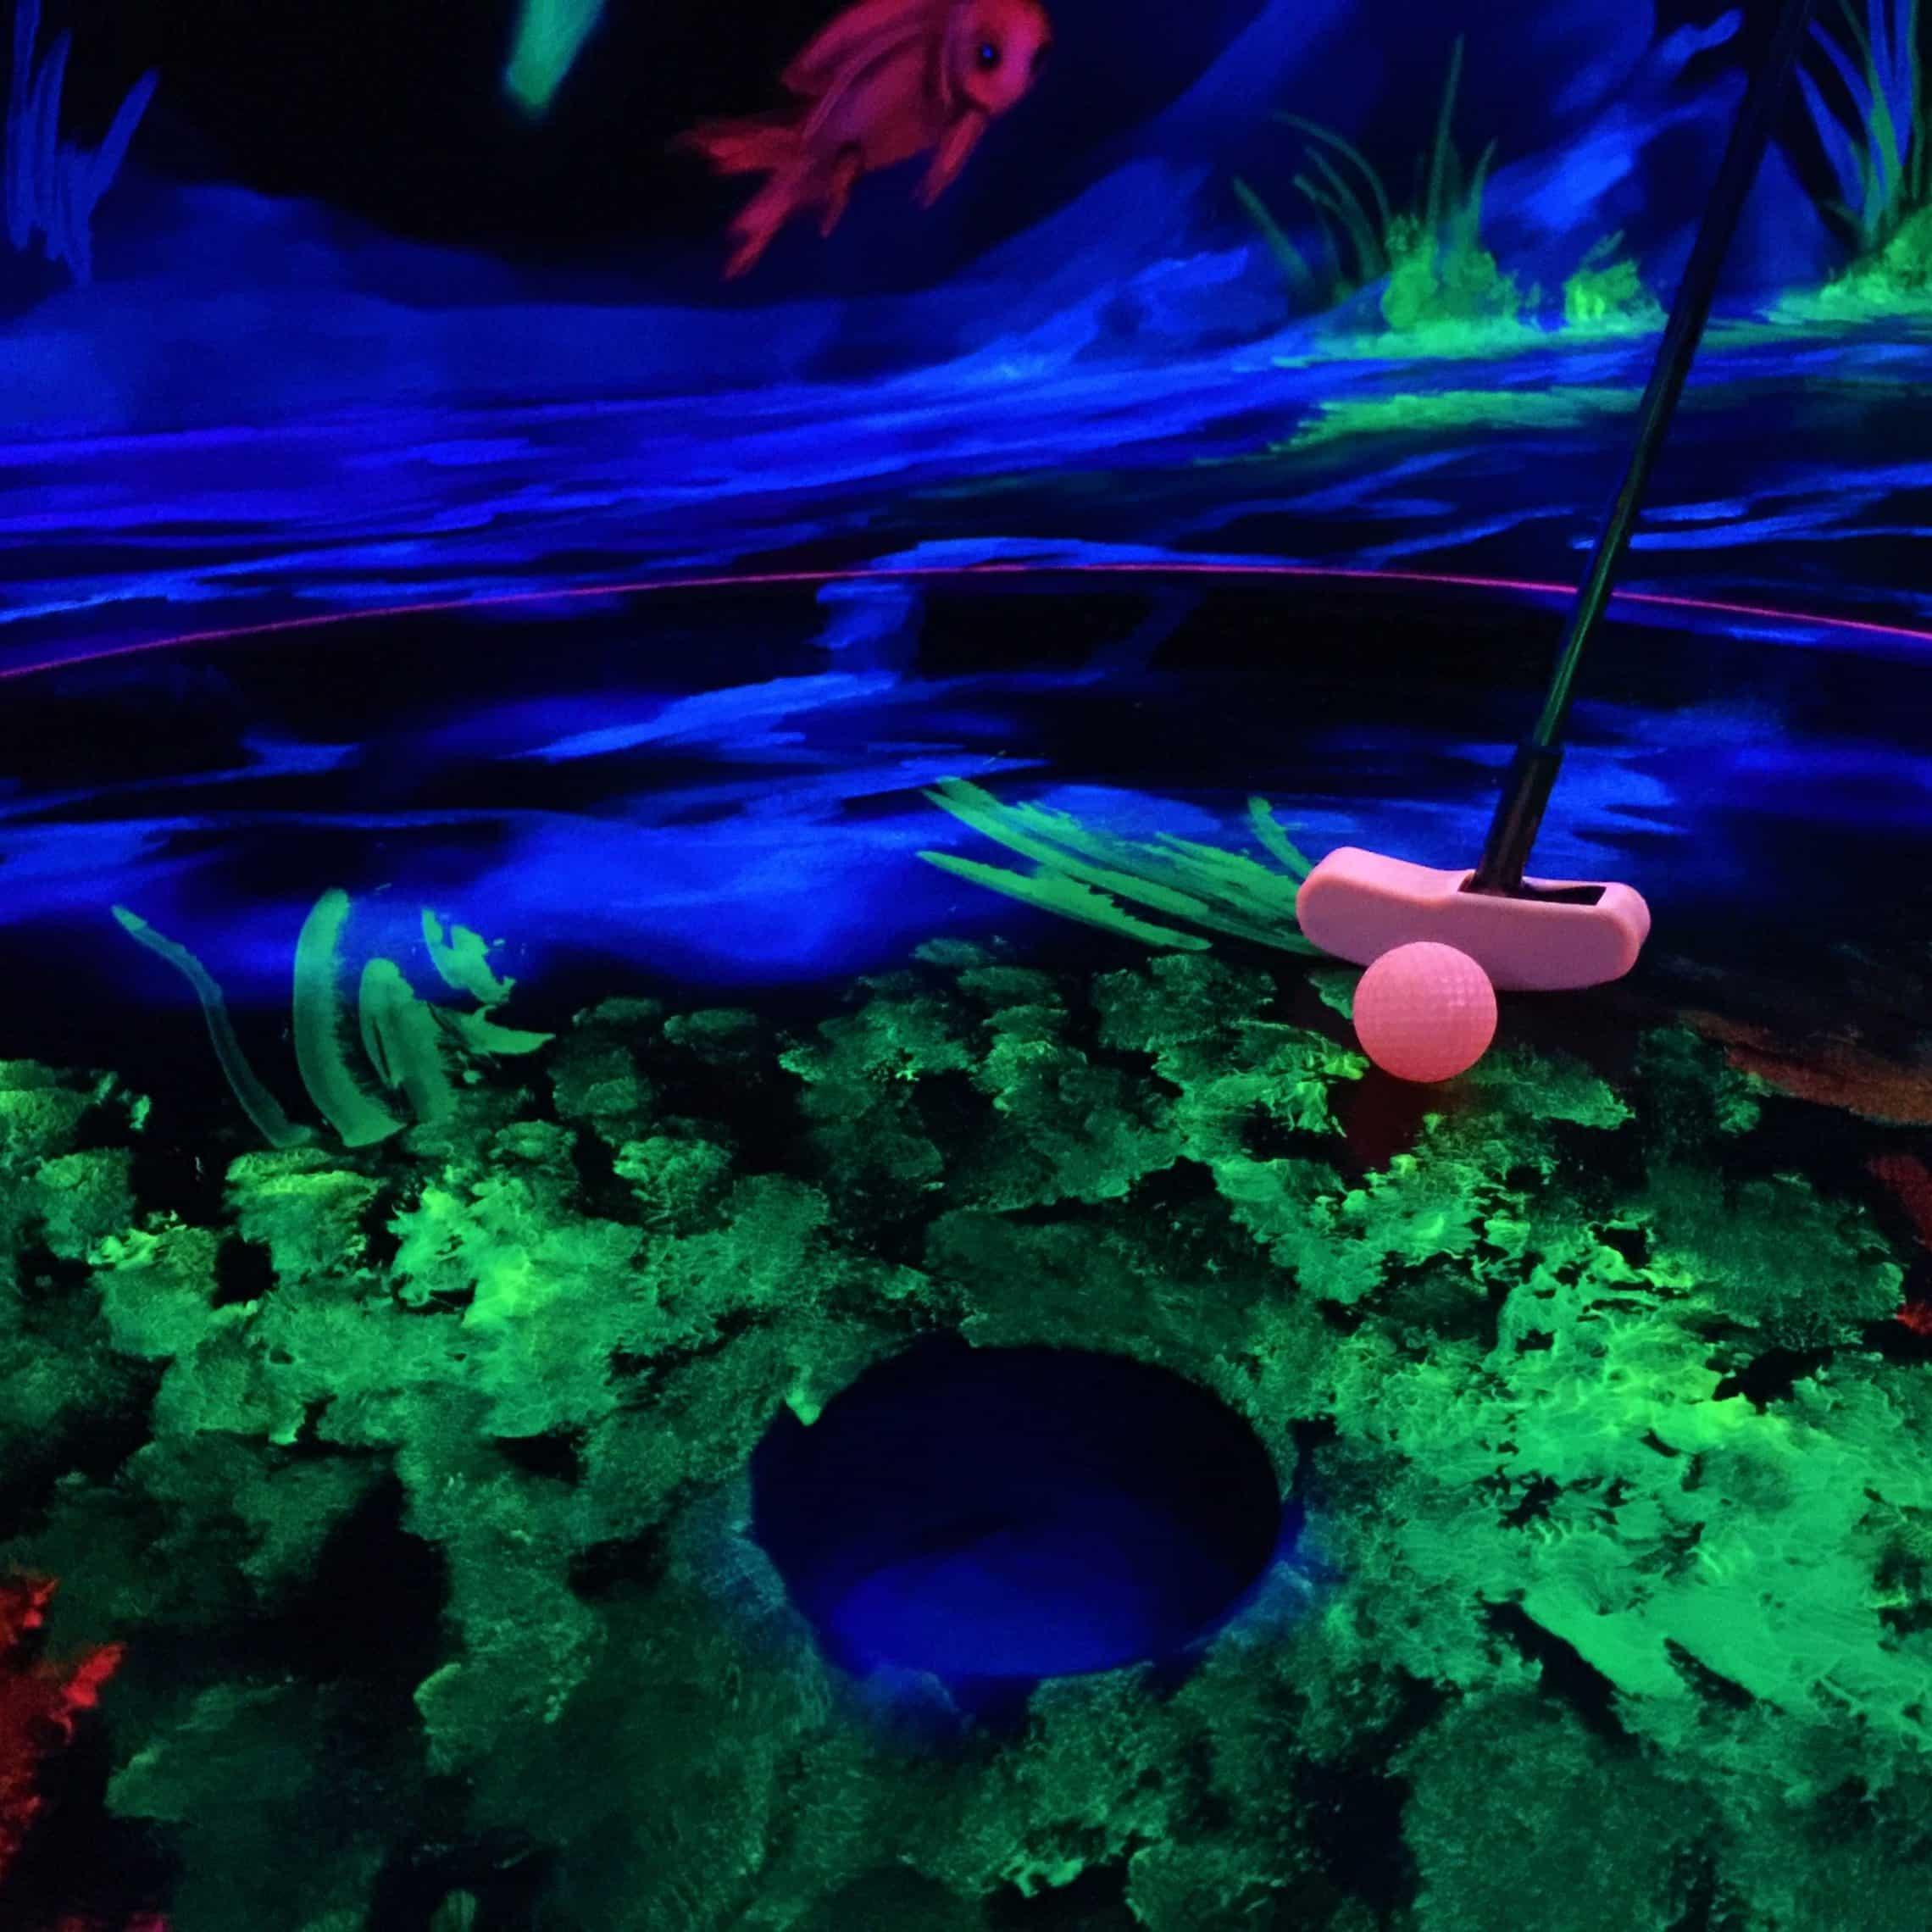 Style Hannover Neon Minigolf INSTA 2 - Die besten Freizeit-Aktivitäten für die Familie